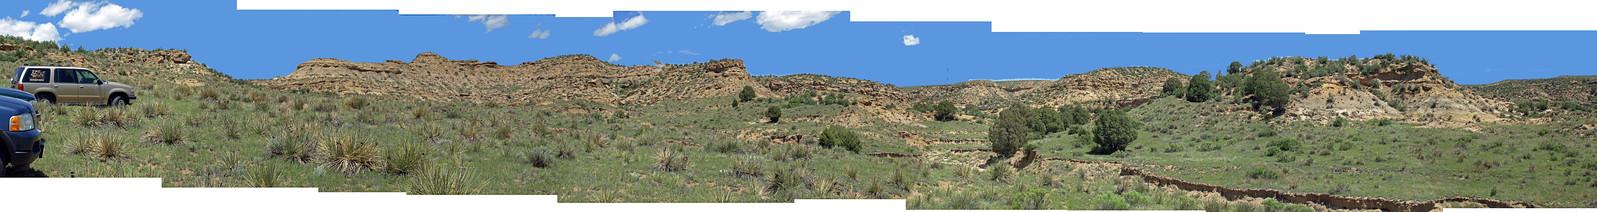 Corral Bluffs Colorado Springs